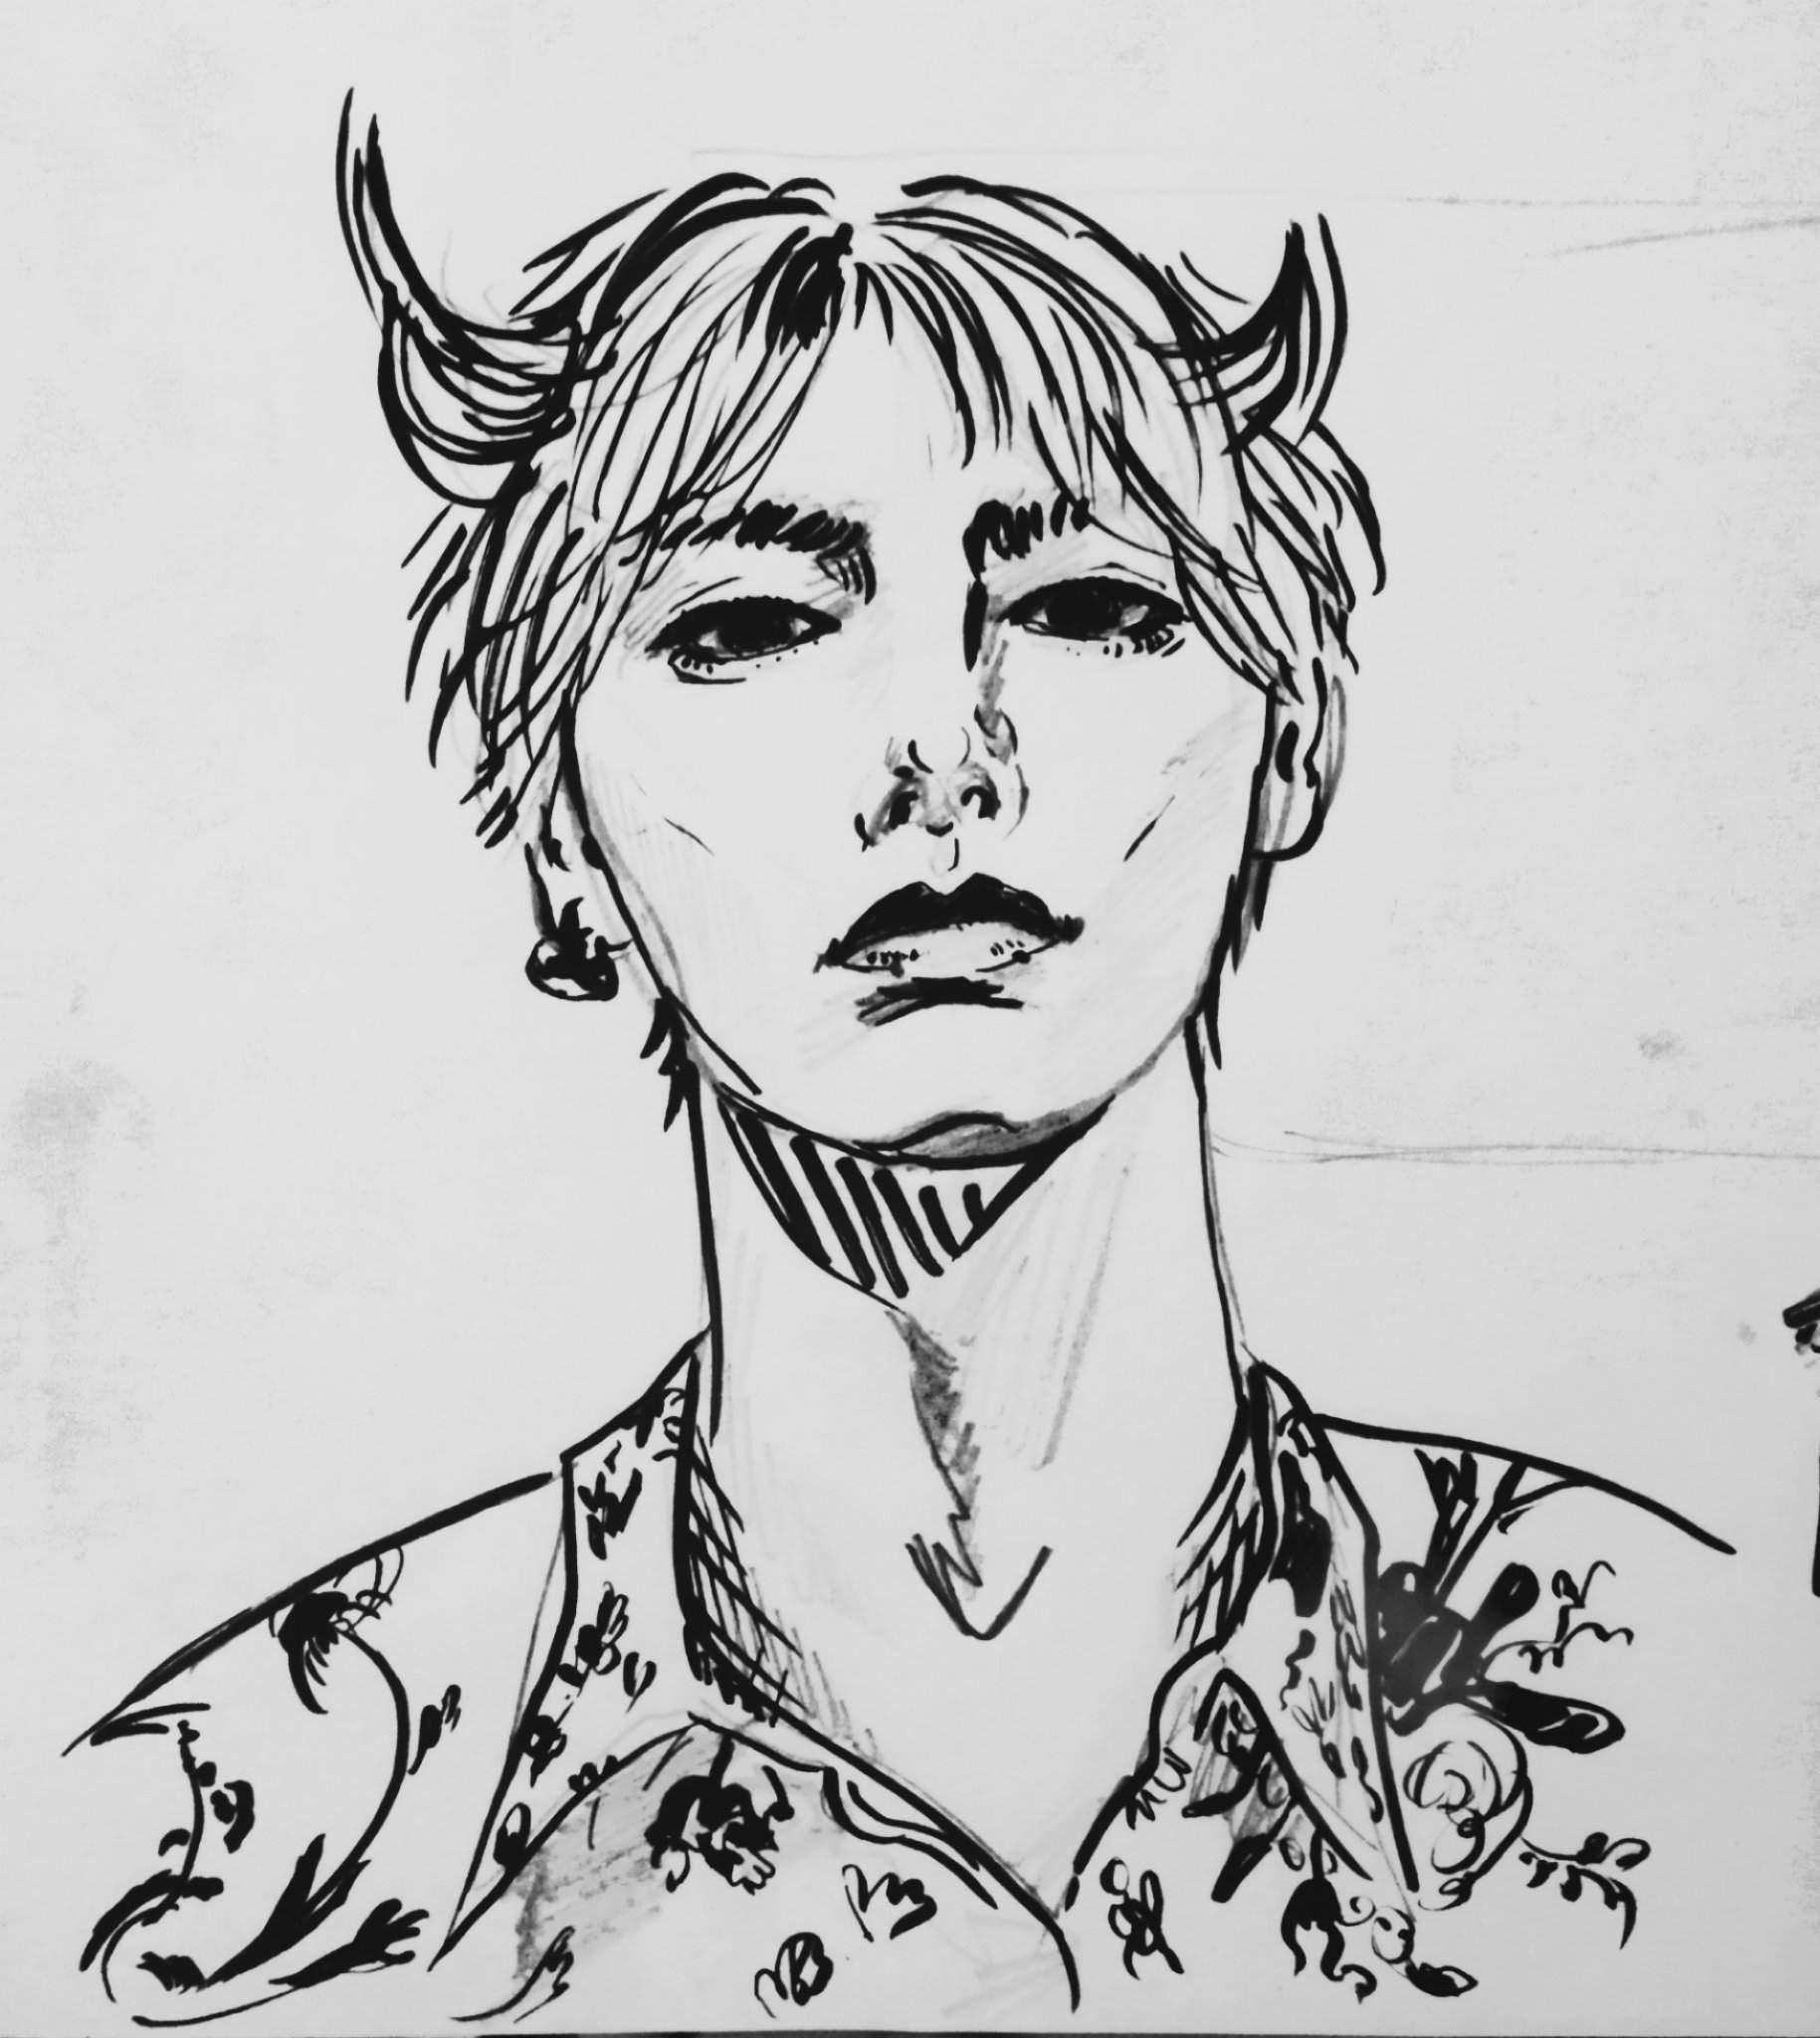 Bts Sketches Fanart Taehyung Yoongi Jin Jimin Army S Amino